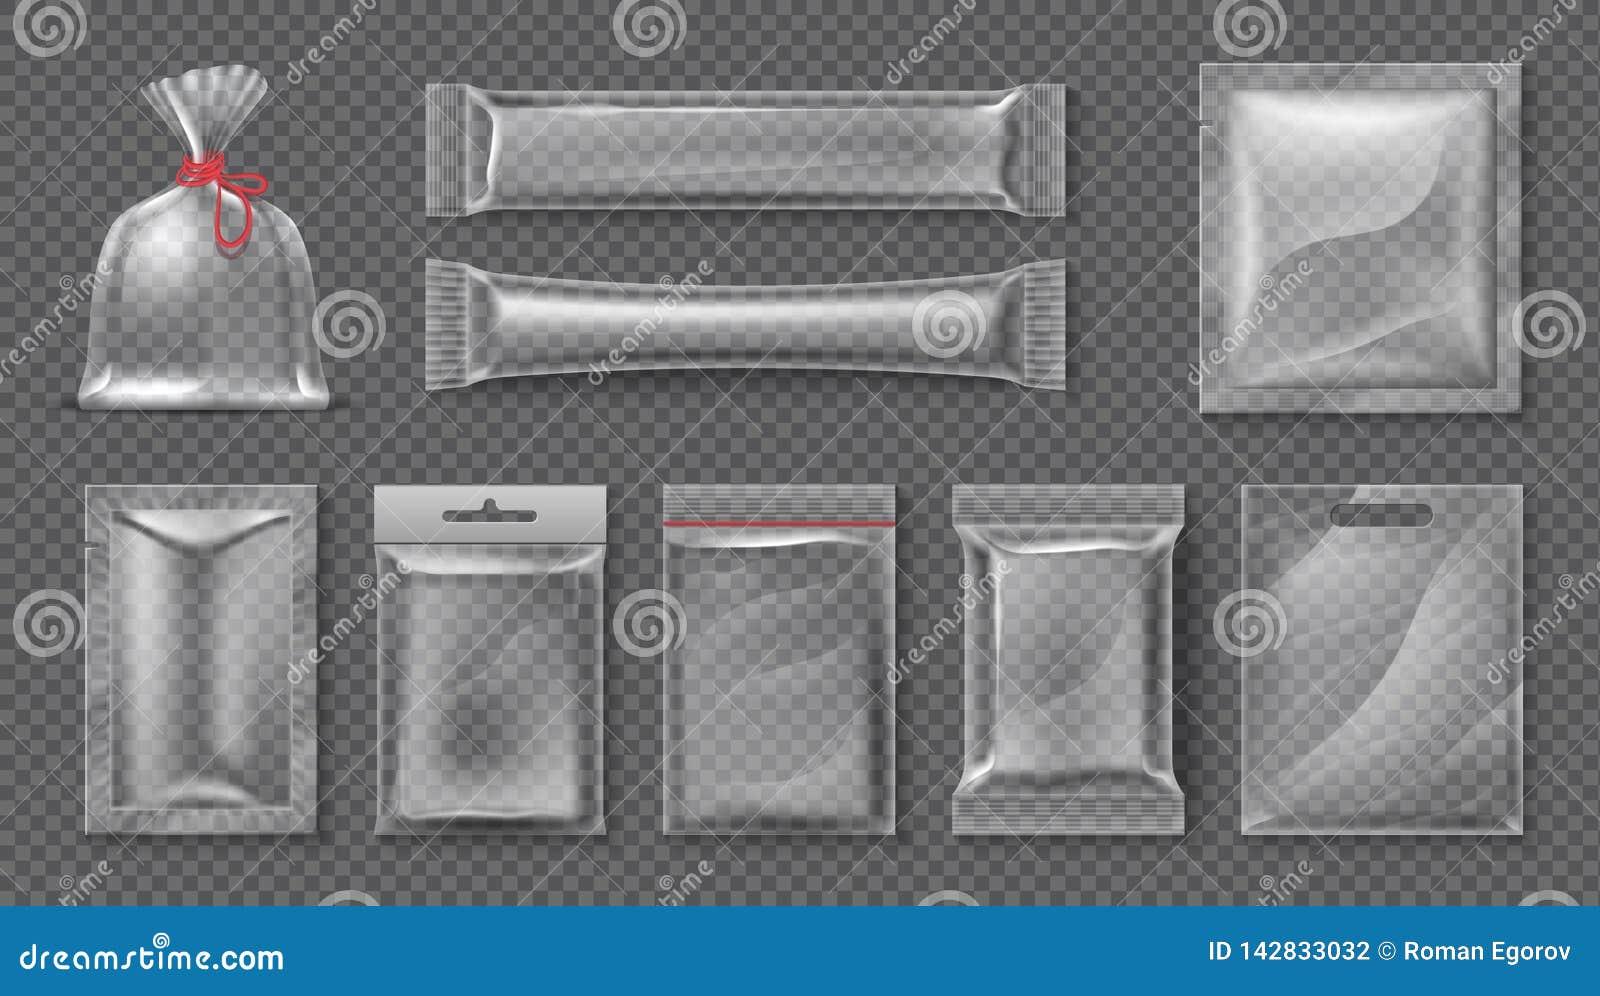 塑料包裹 现实清楚的袋子大模型,3d透明食品组装集合,空白的光滑的箔 传染媒介糖果快餐